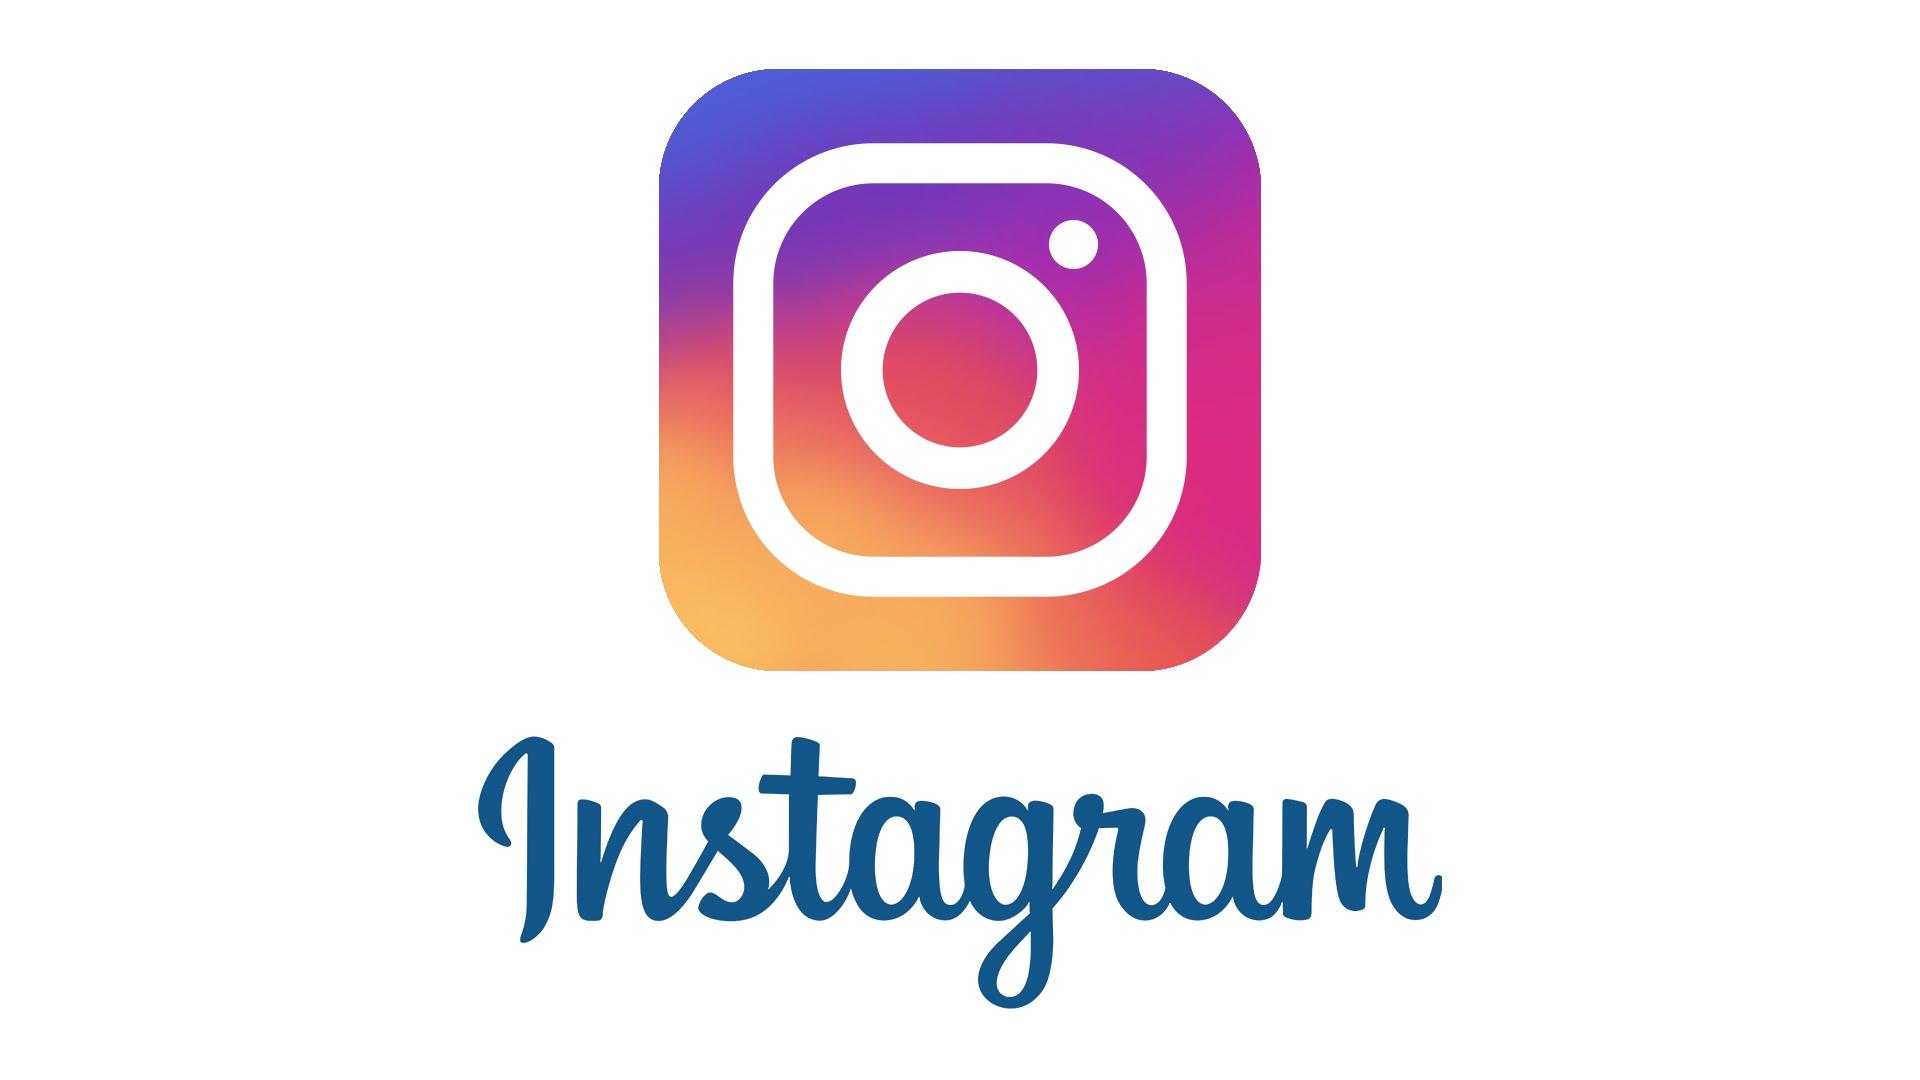 Quando pubblicare su Instagram? Tutto quello che c'è da sapere